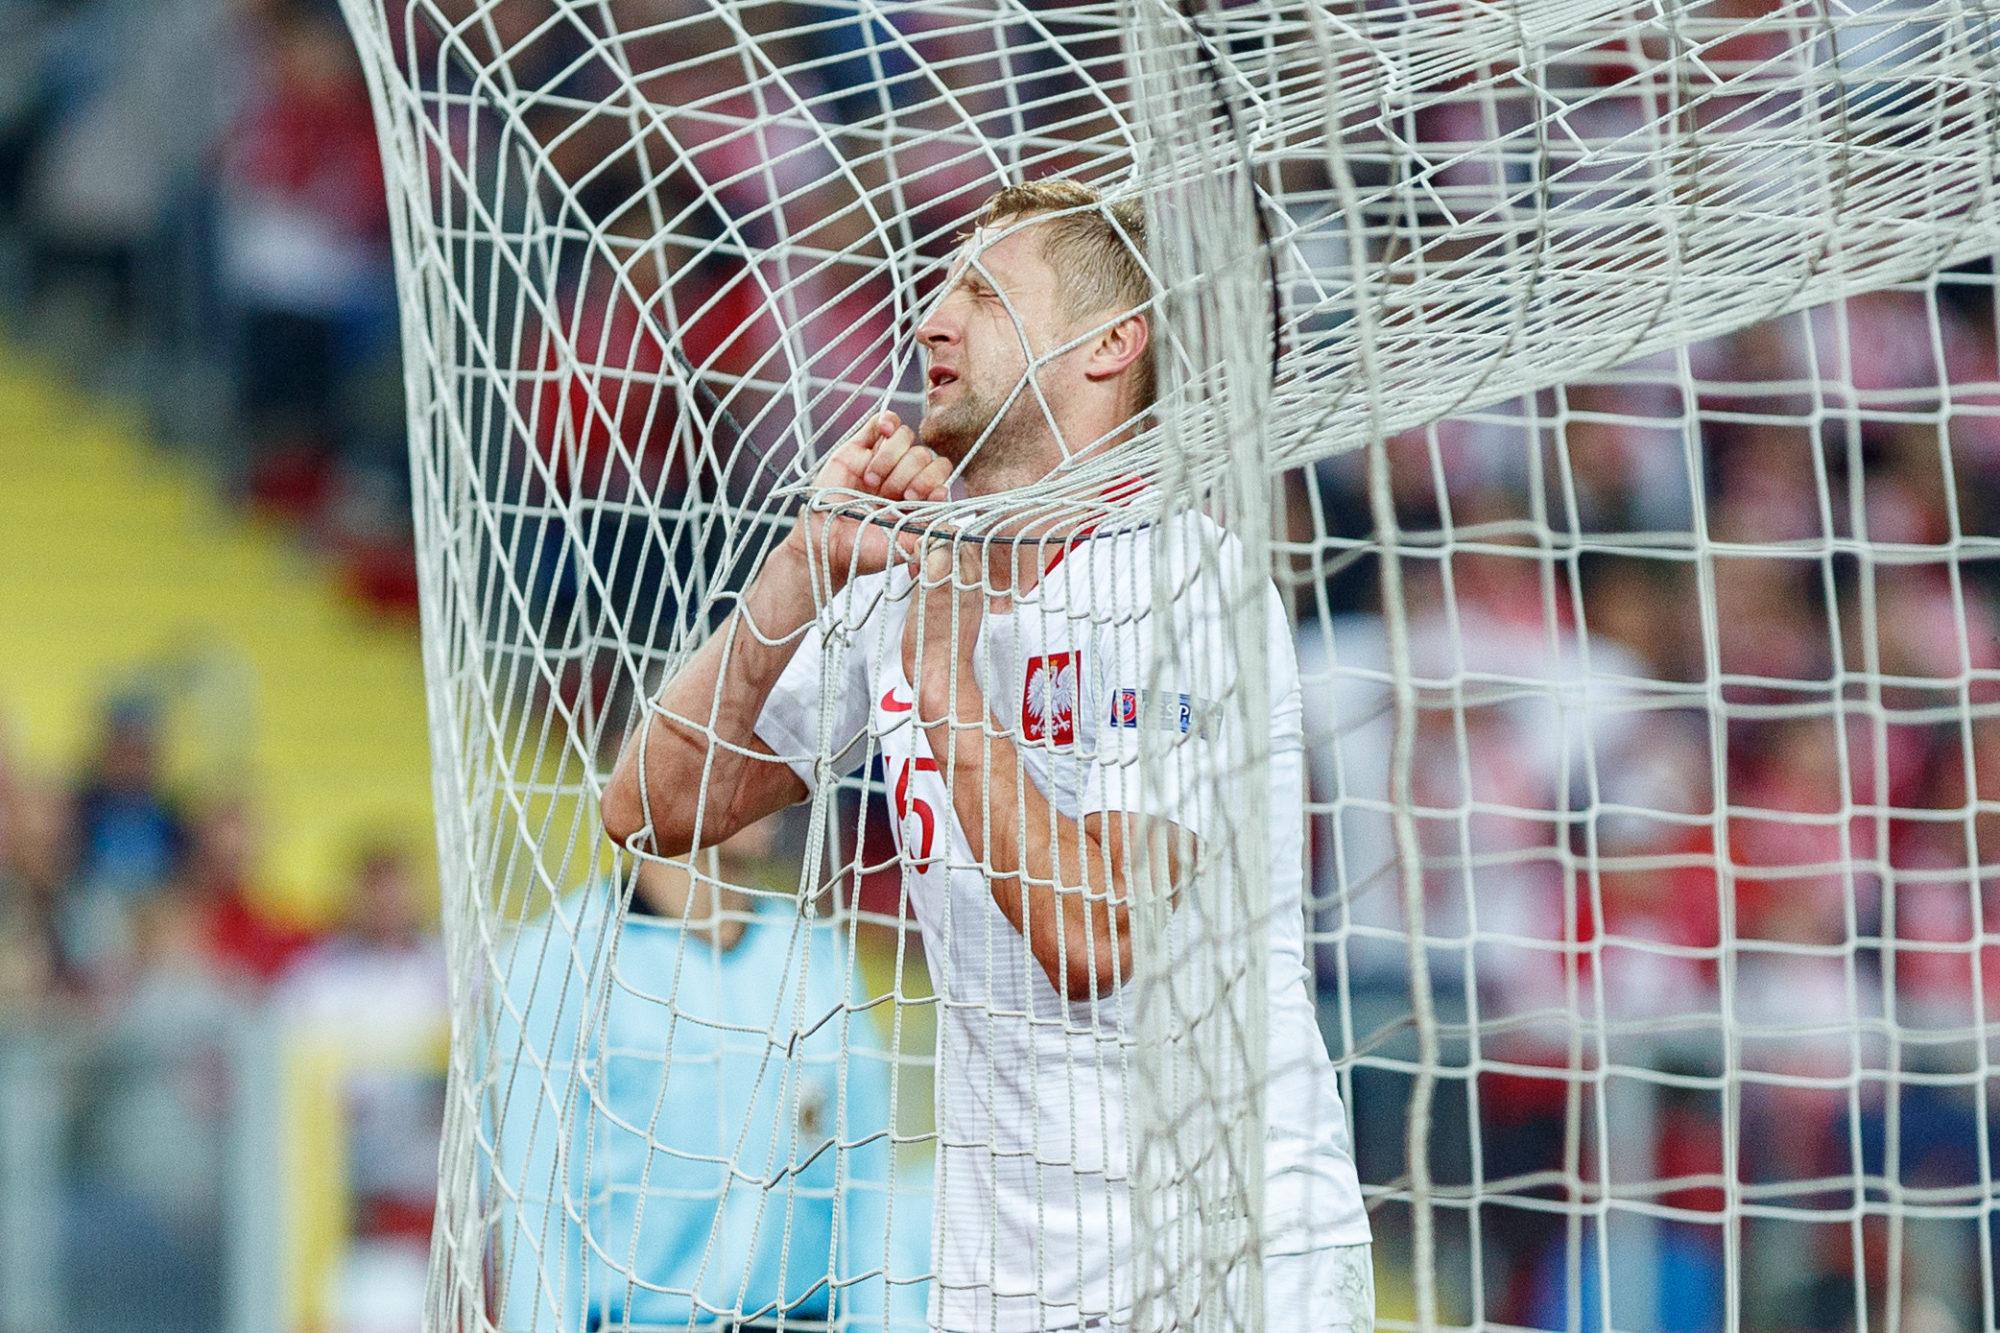 Mistrz Europy pokazał nam miejsce w szeregu. Oceny Polaków po meczu z Portugalią